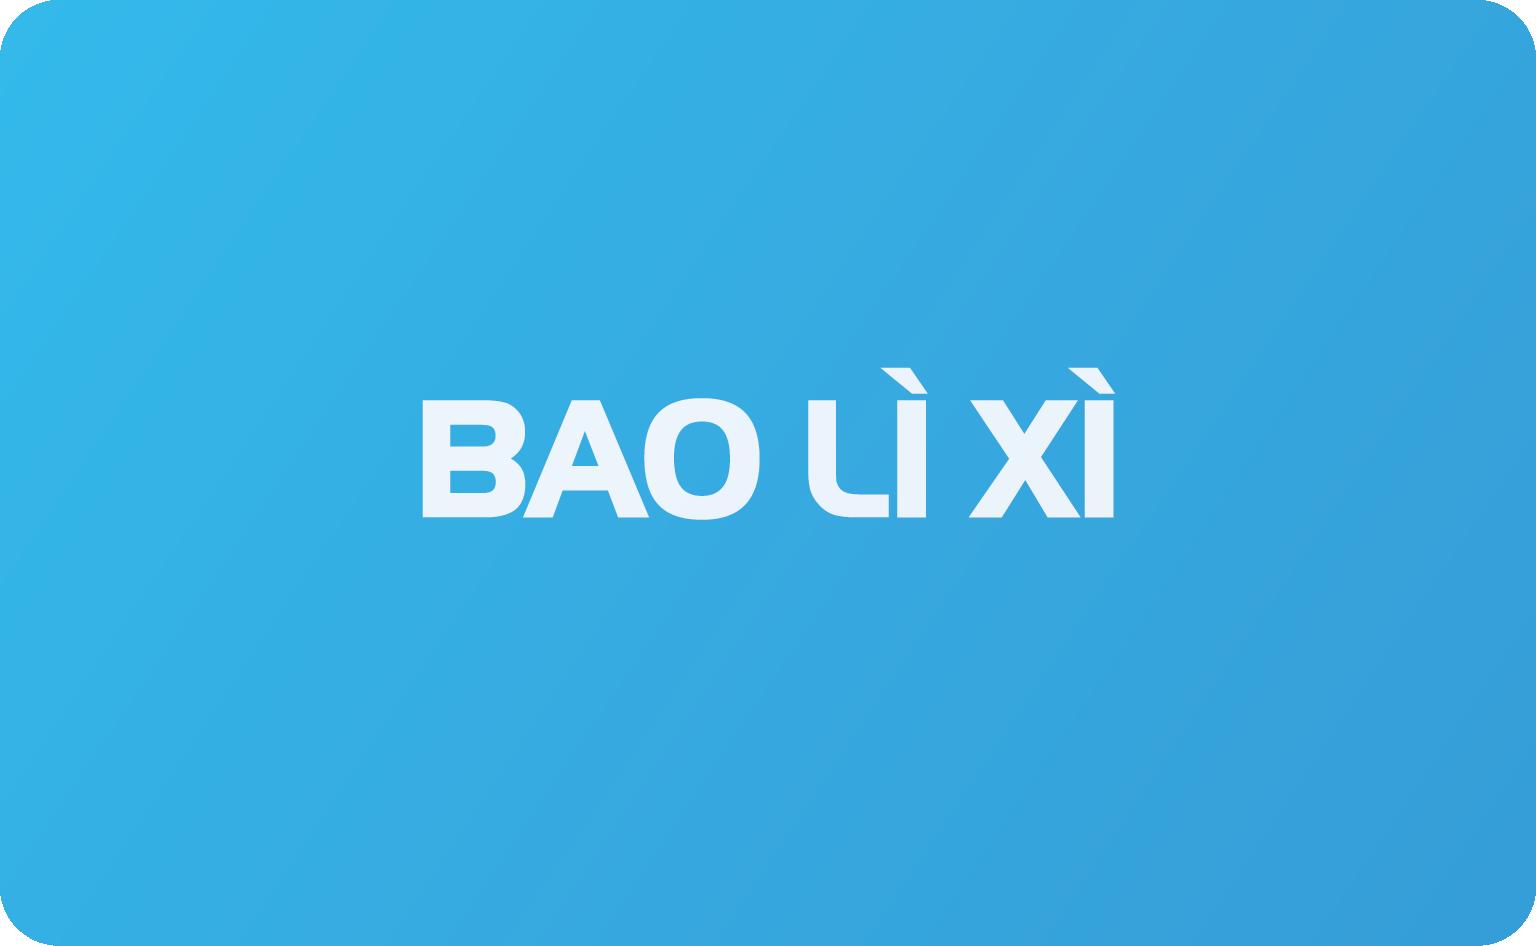 in-an-bao-lixi